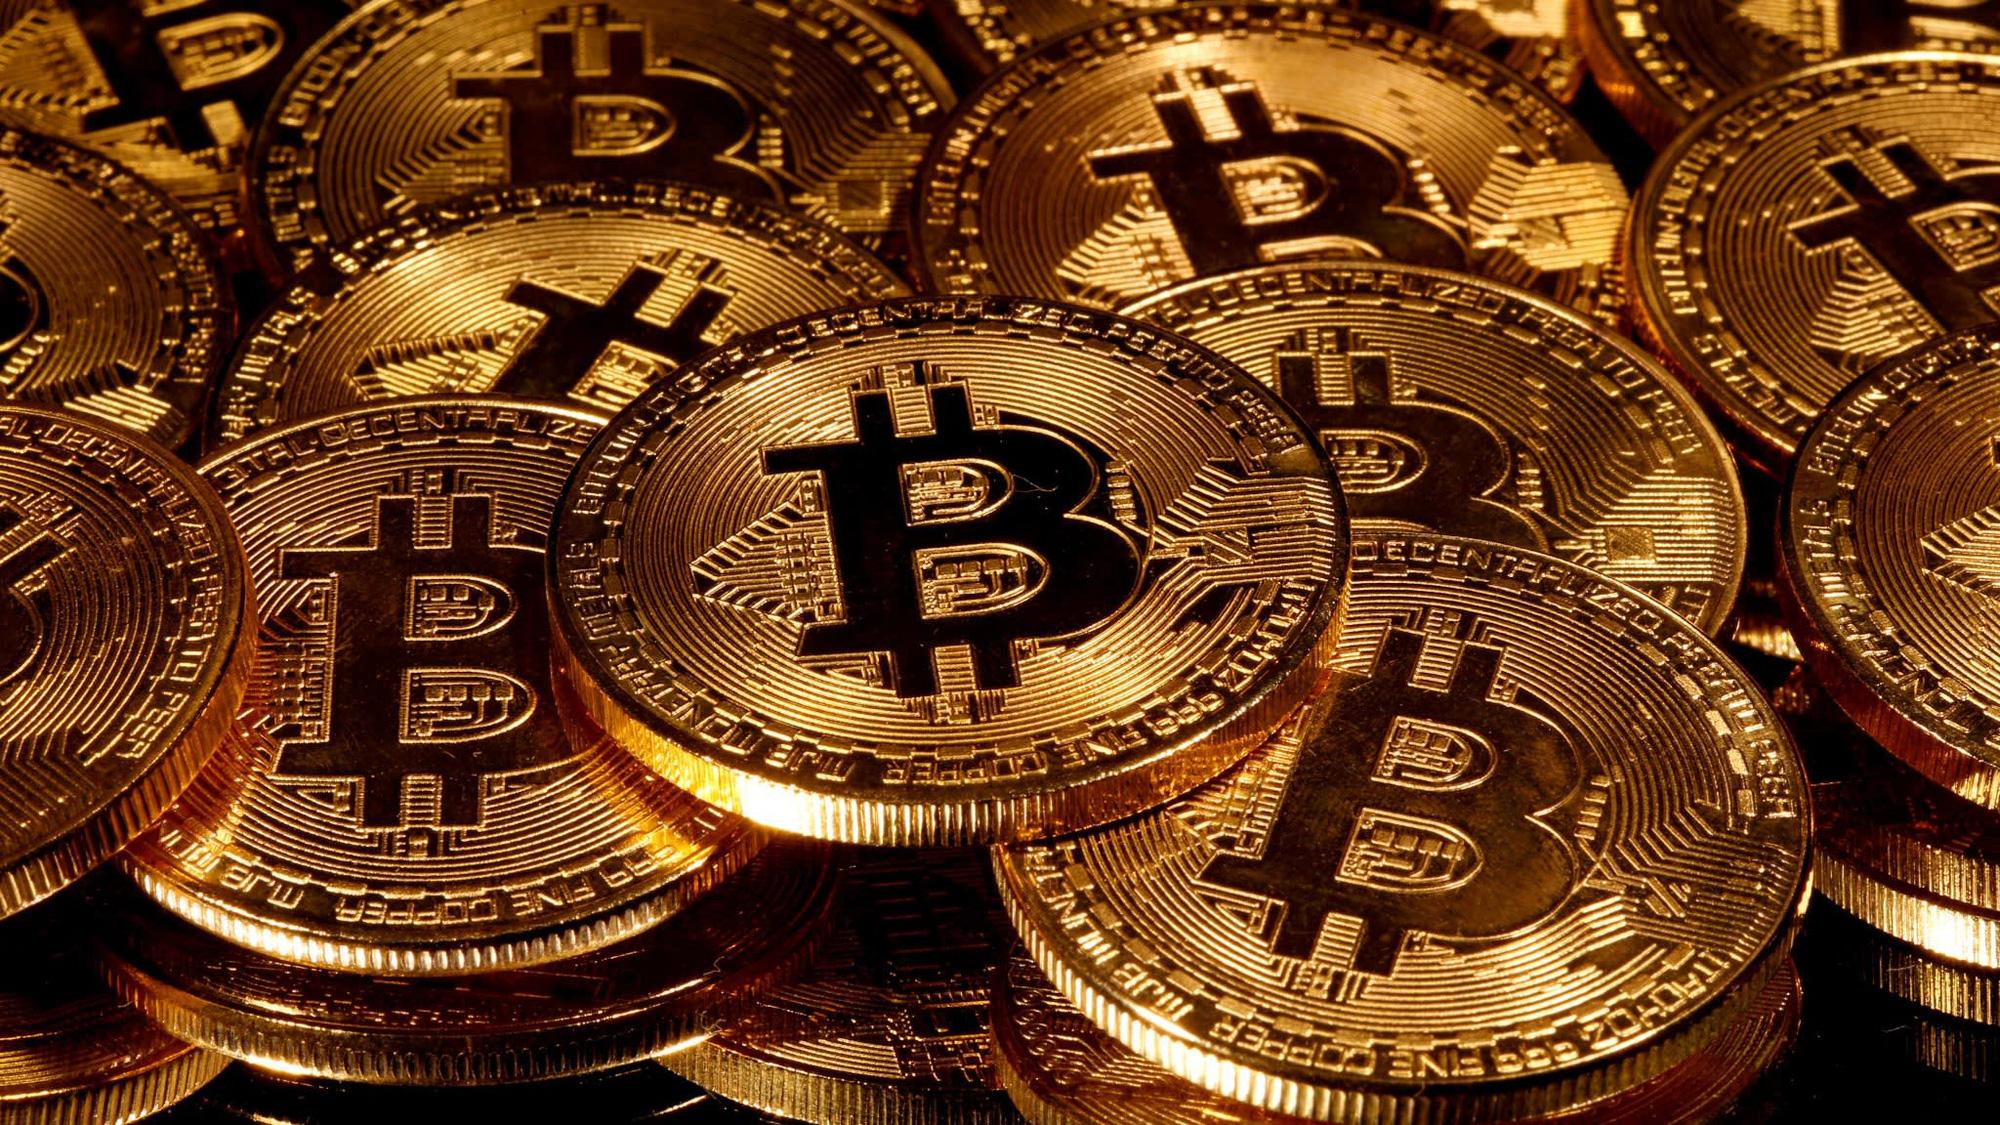 Giá Bitcoin có thể chạm mốc 100.000 USD vào cuối năm nay - Ảnh 1.